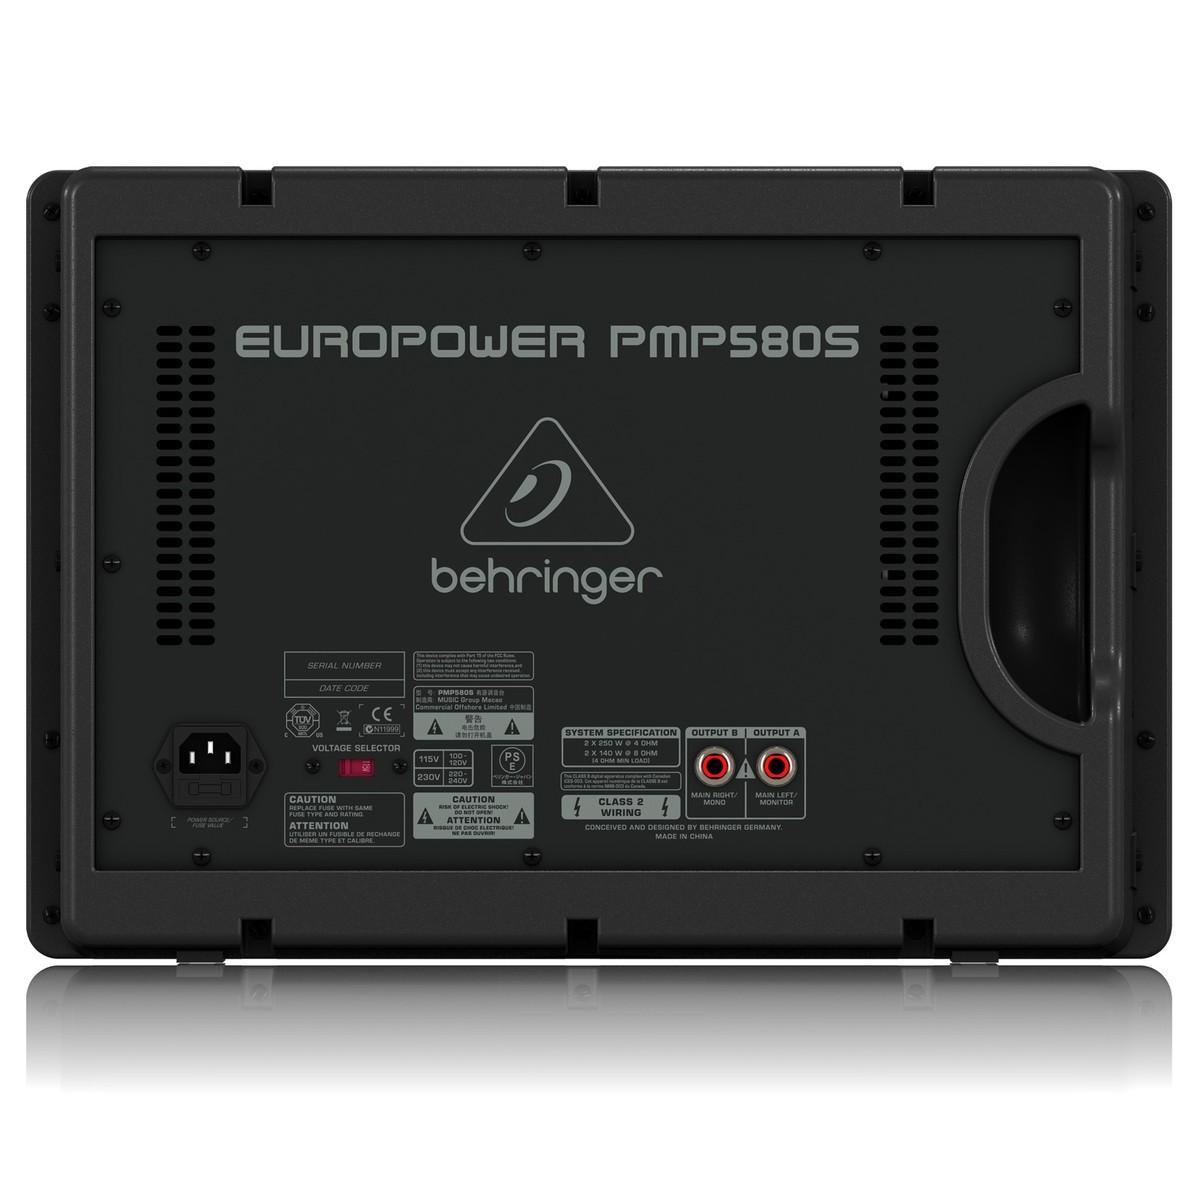 Behringer PMP580S EUROPOWER